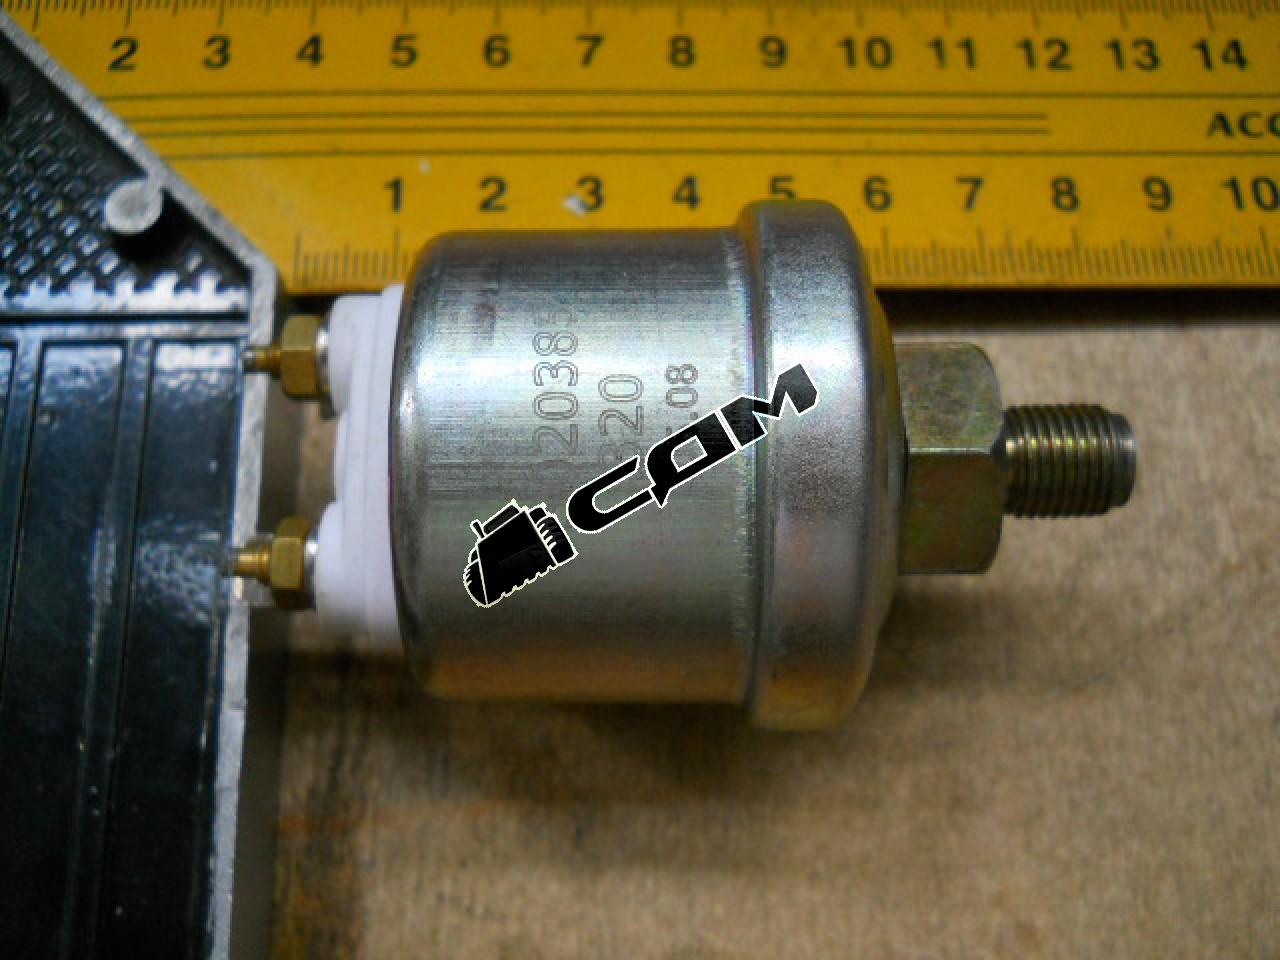 Датчик давления масла сенсорный CDM855,856  13020385